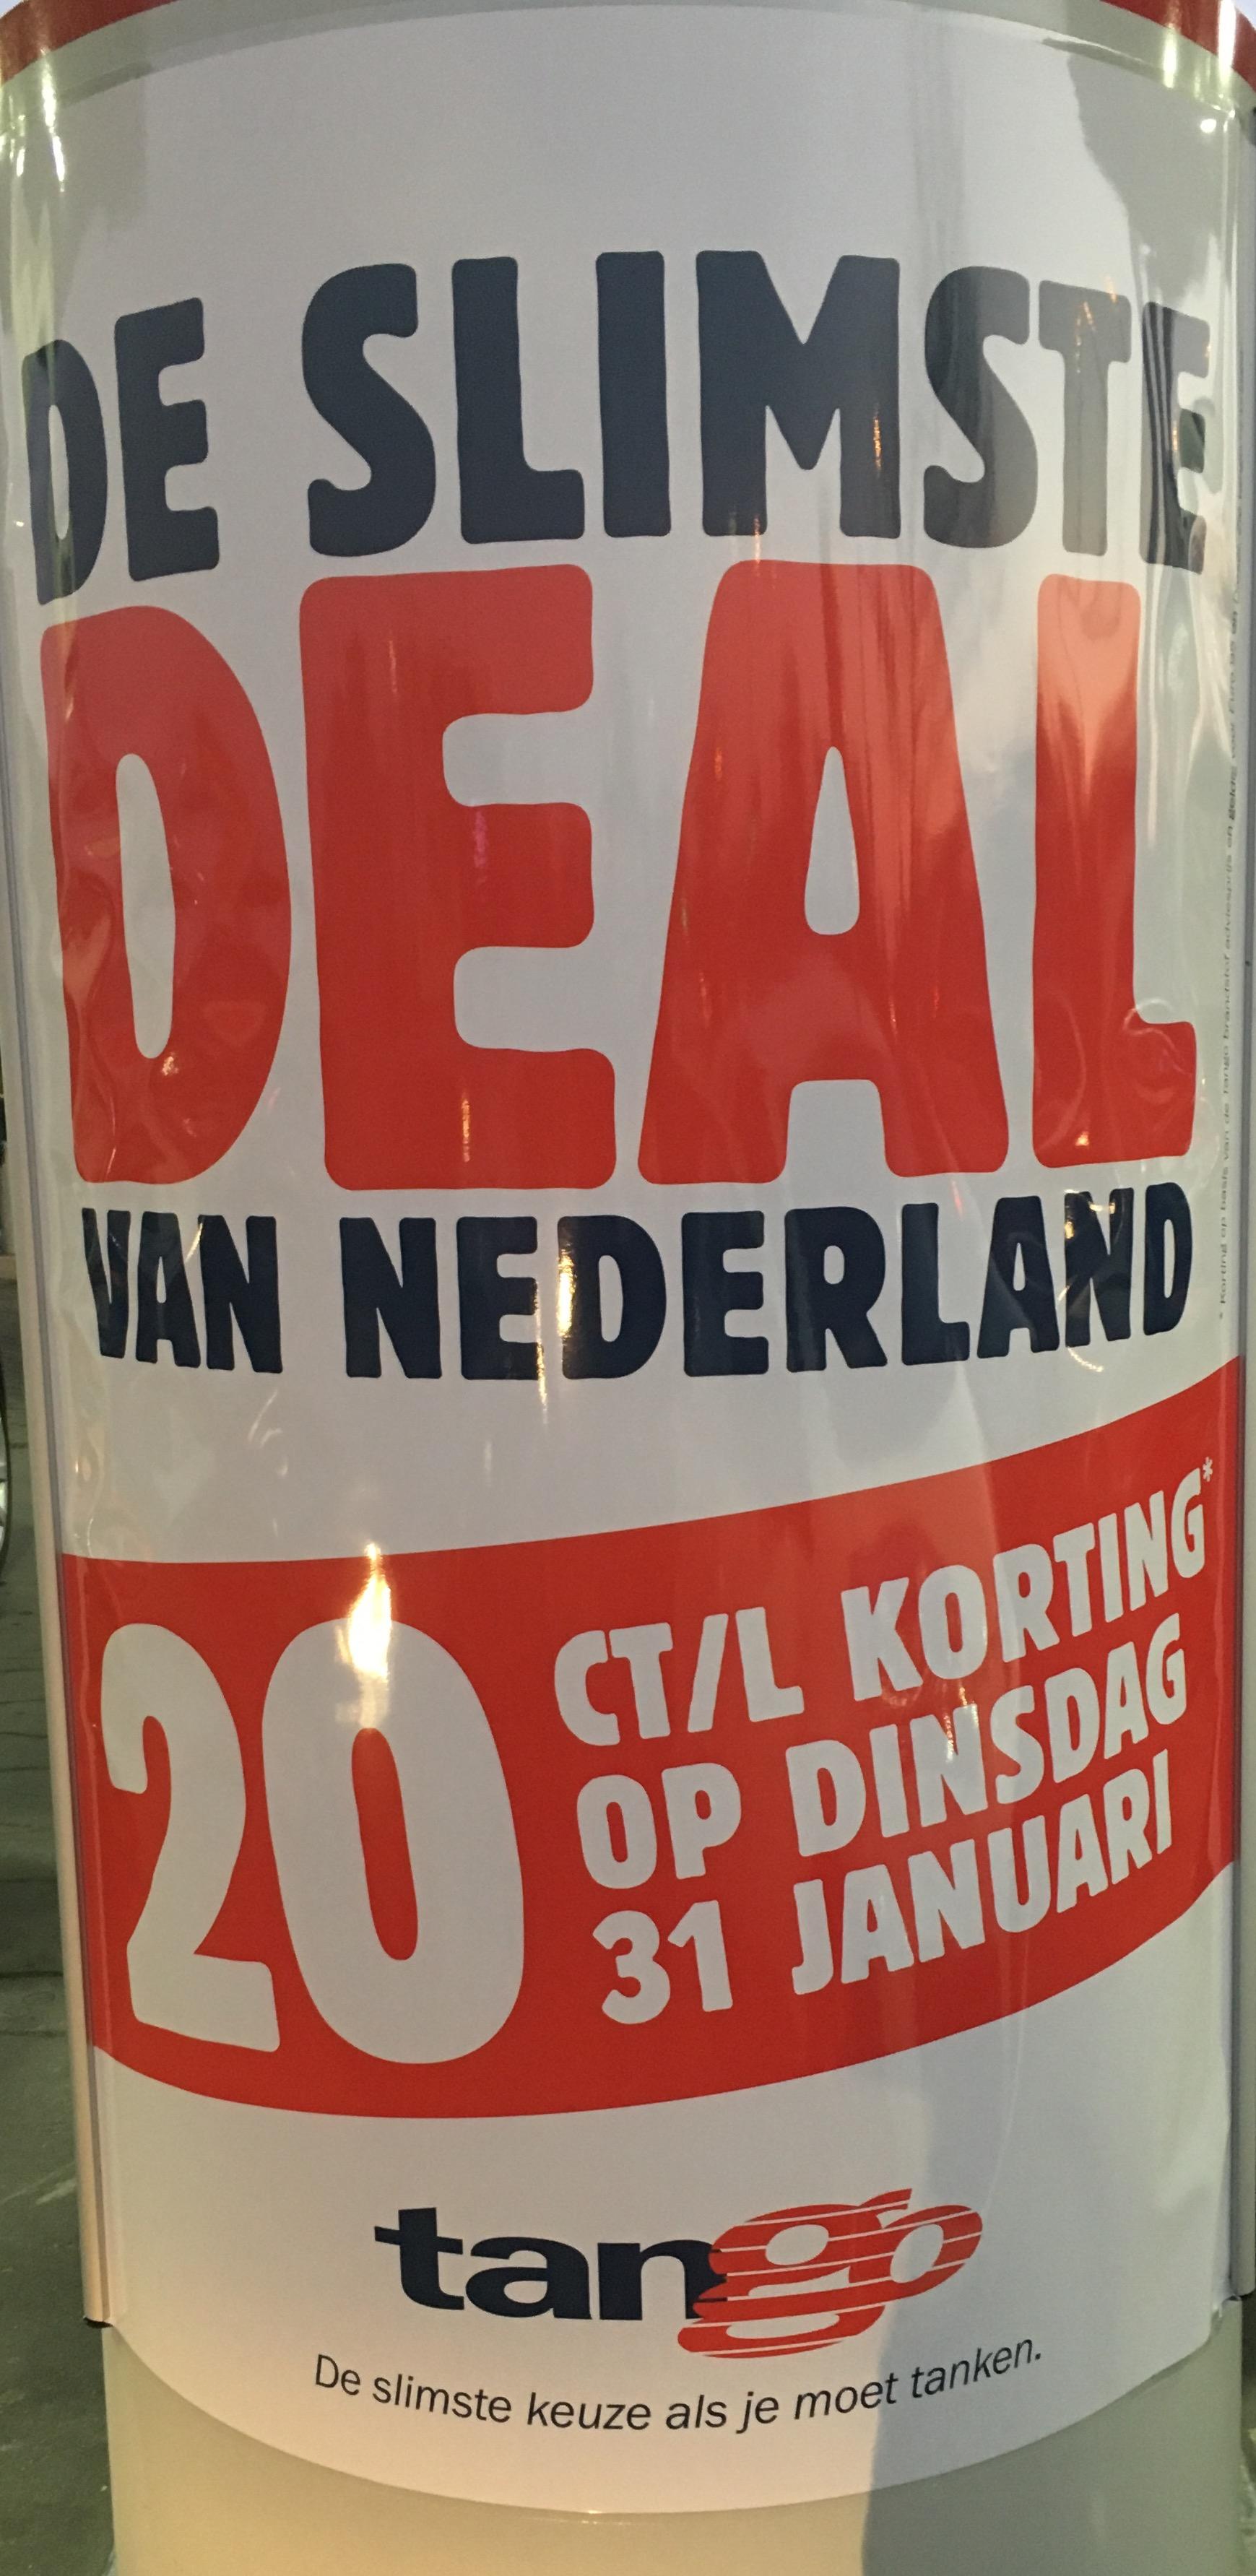 Di 31/01 20 ct/l korting op benzines en diesel bij Tango